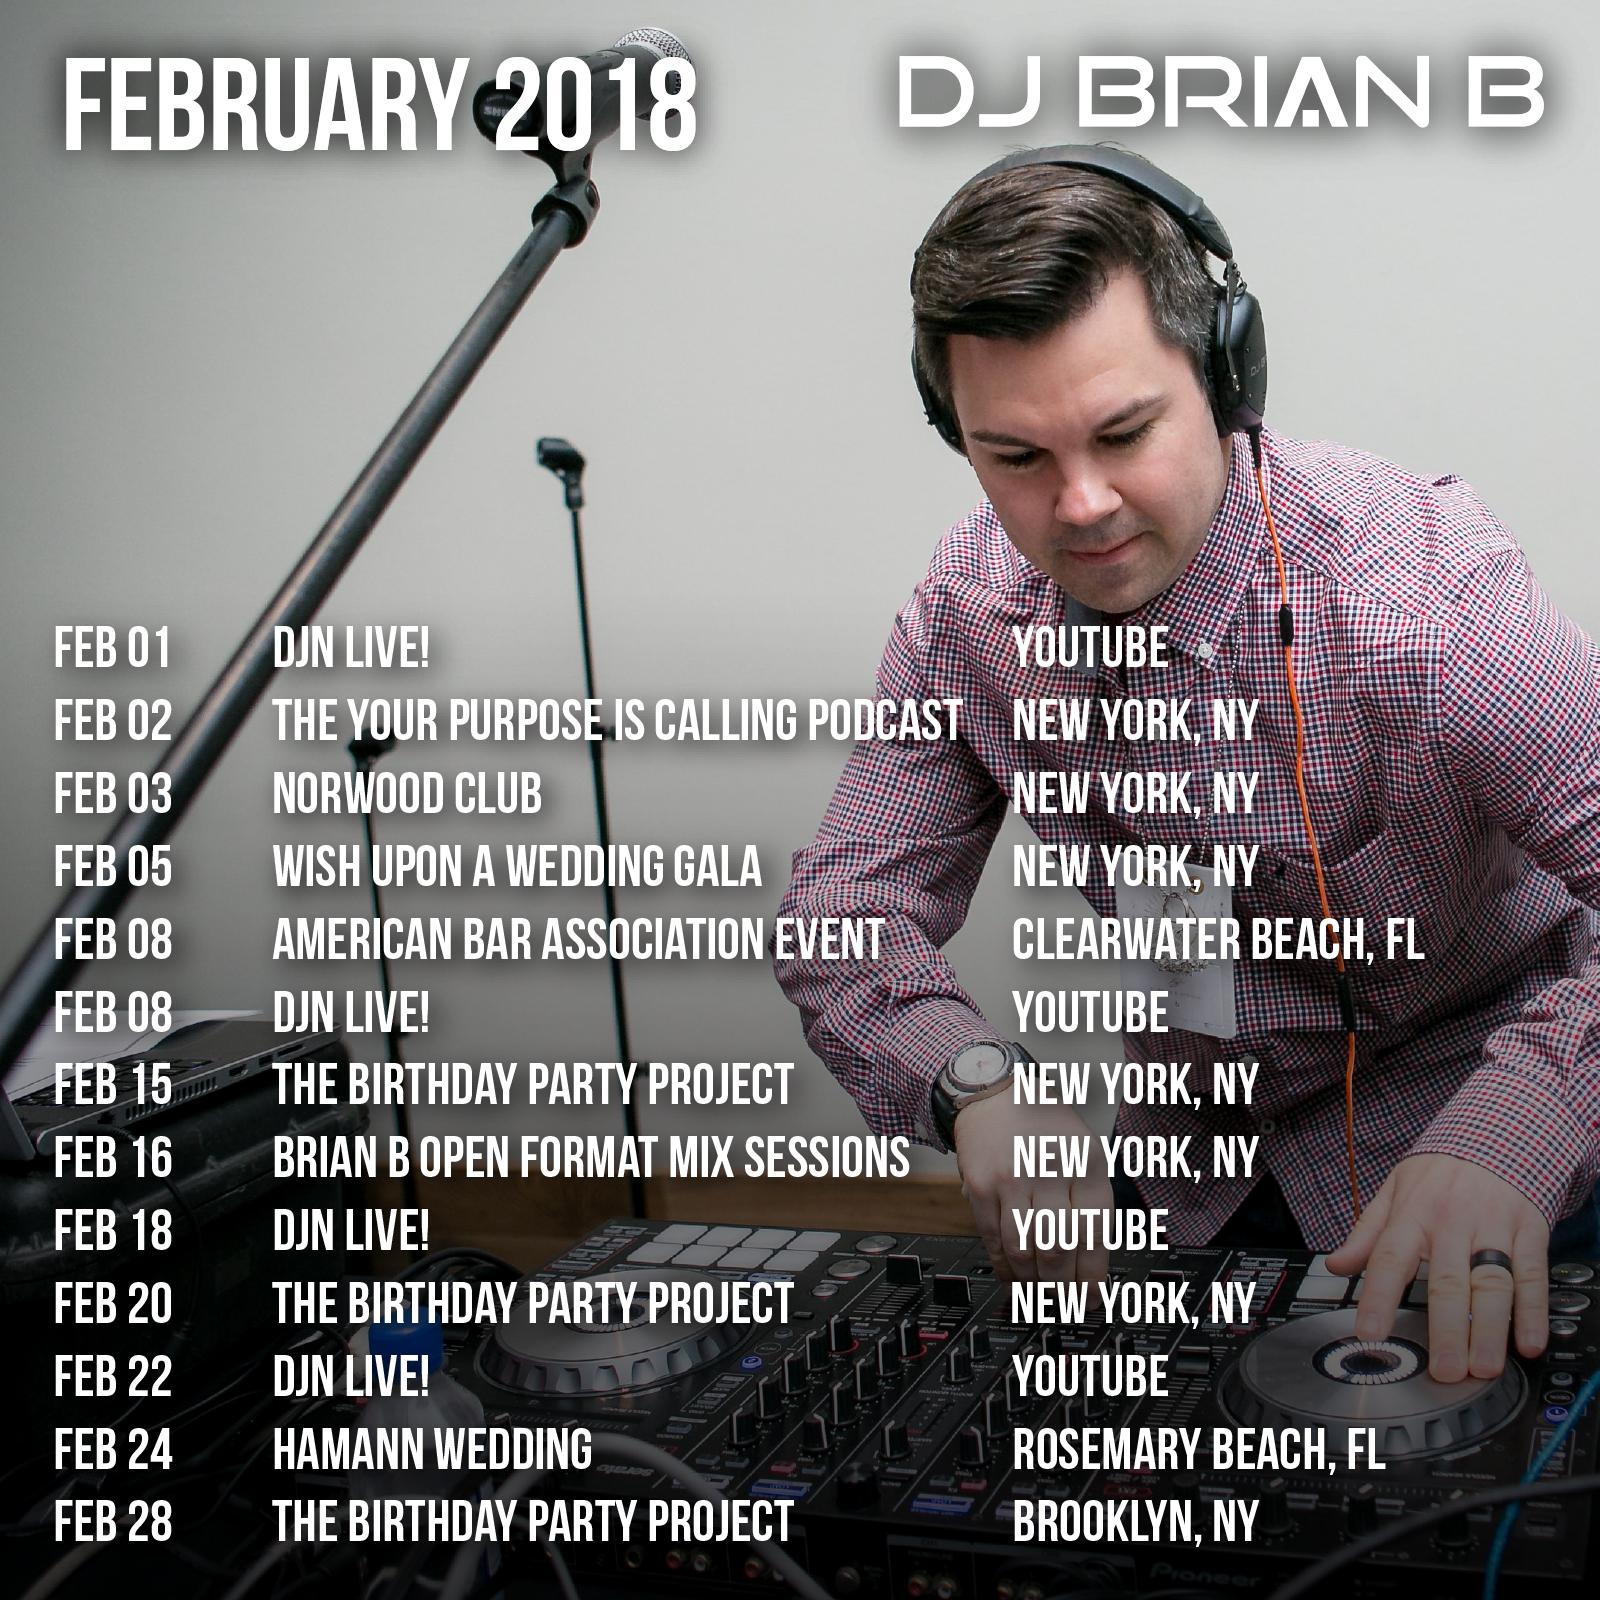 February 2018 Brian B Event Schedule